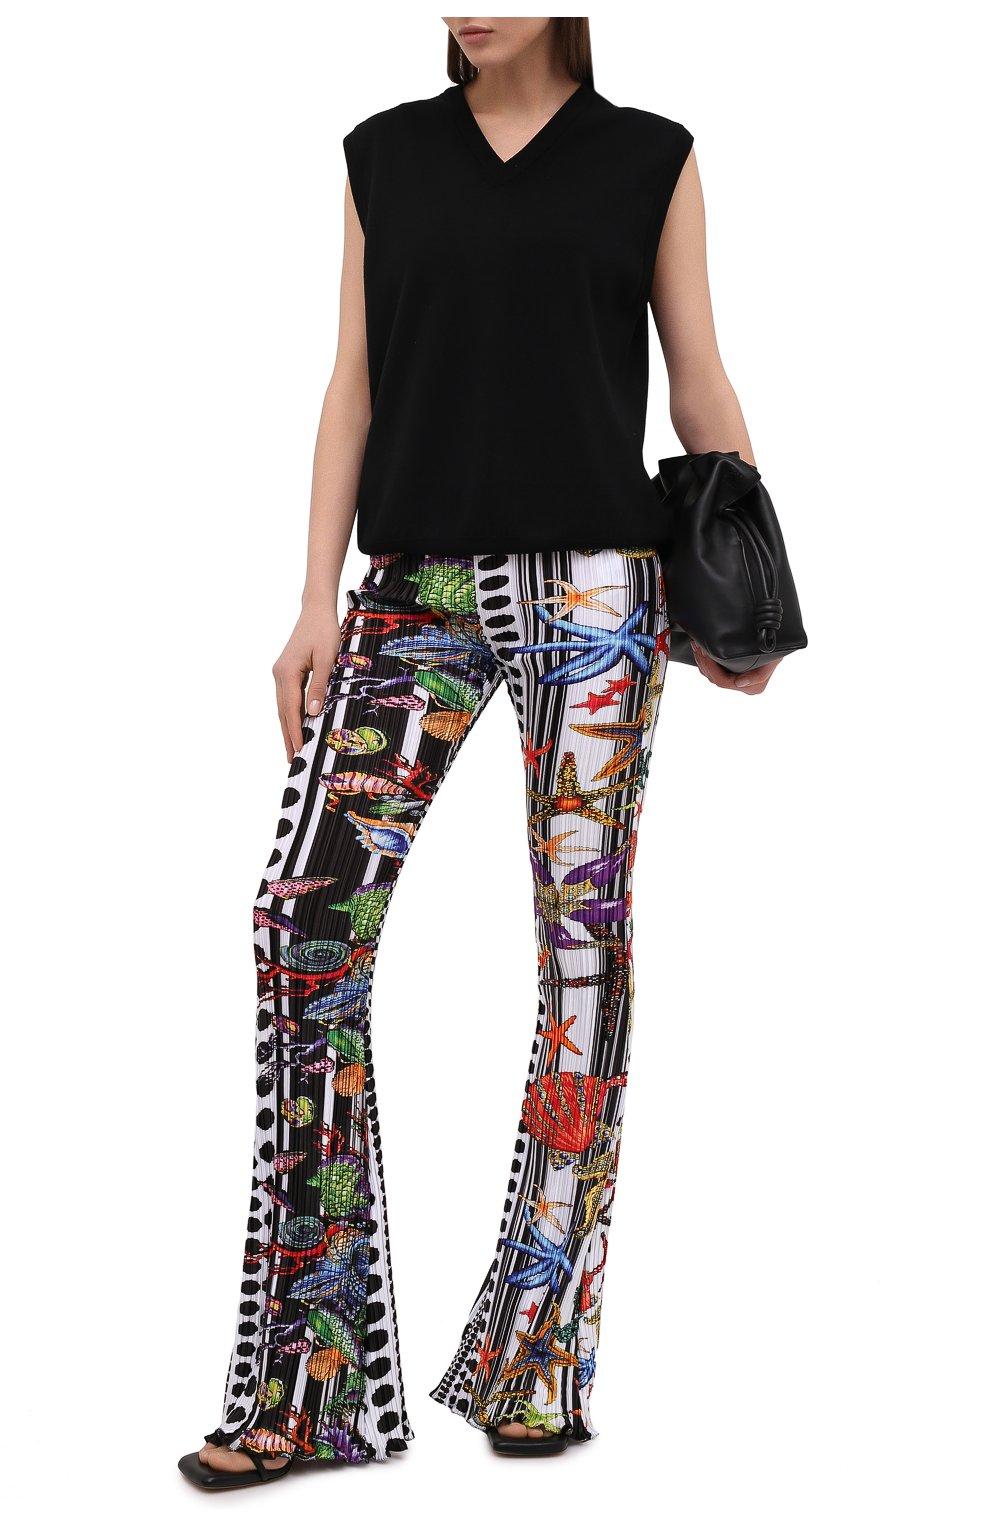 Женские брюки VERSACE разноцветного цвета, арт. A89220/1F01292 | Фото 2 (Длина (брюки, джинсы): Удлиненные; Женское Кросс-КТ: Брюки-одежда; Материал внешний: Синтетический материал; Силуэт Ж (брюки и джинсы): Расклешенные; Стили: Романтичный)